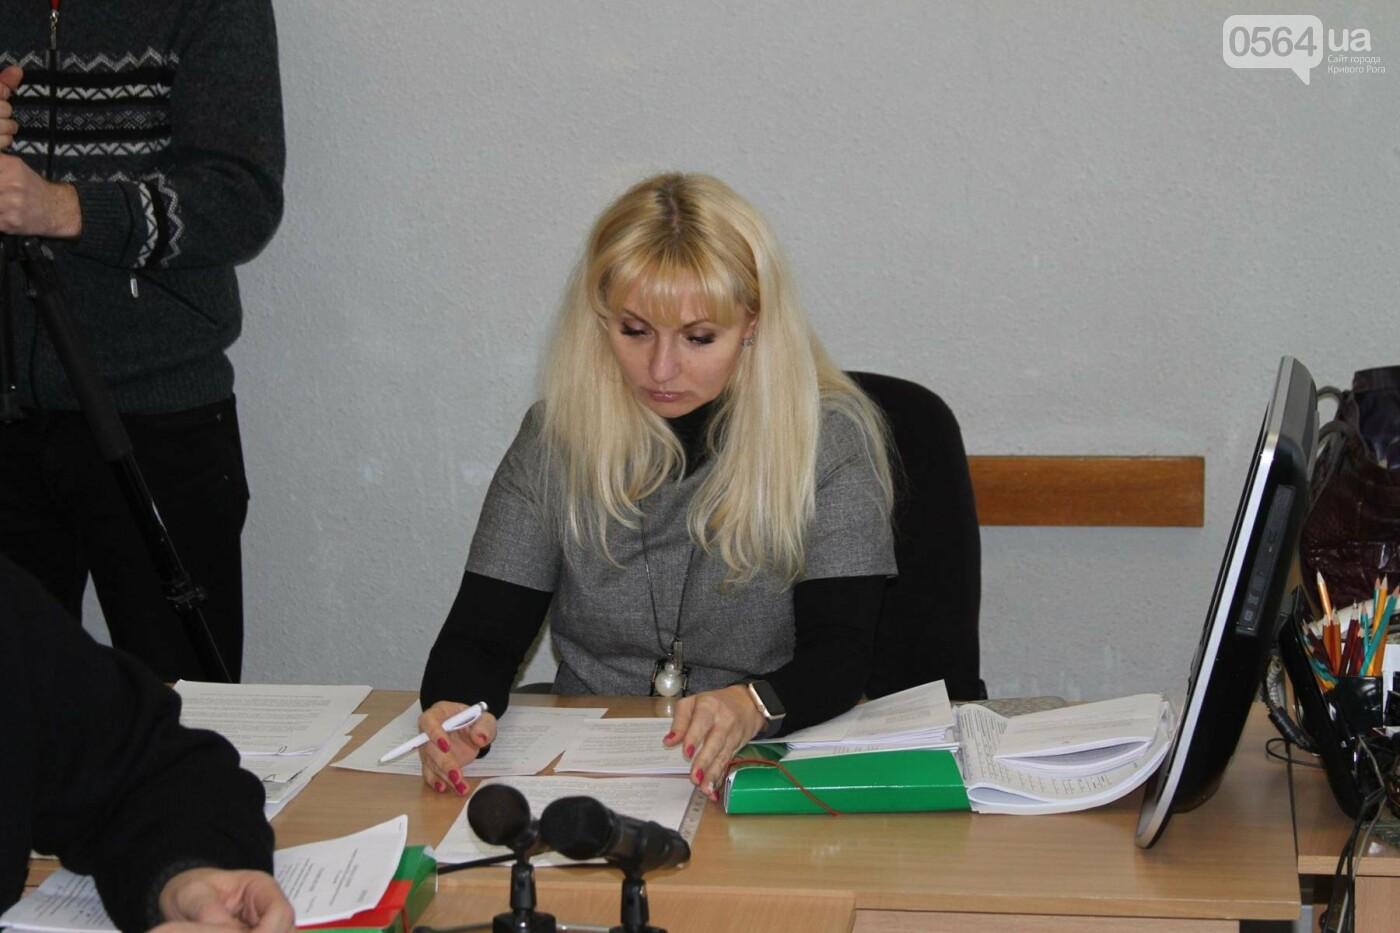 Криворожские депутаты из комиссии по этике и дисциплине со второй попытки не смогли собраться (ФОТО), фото-2